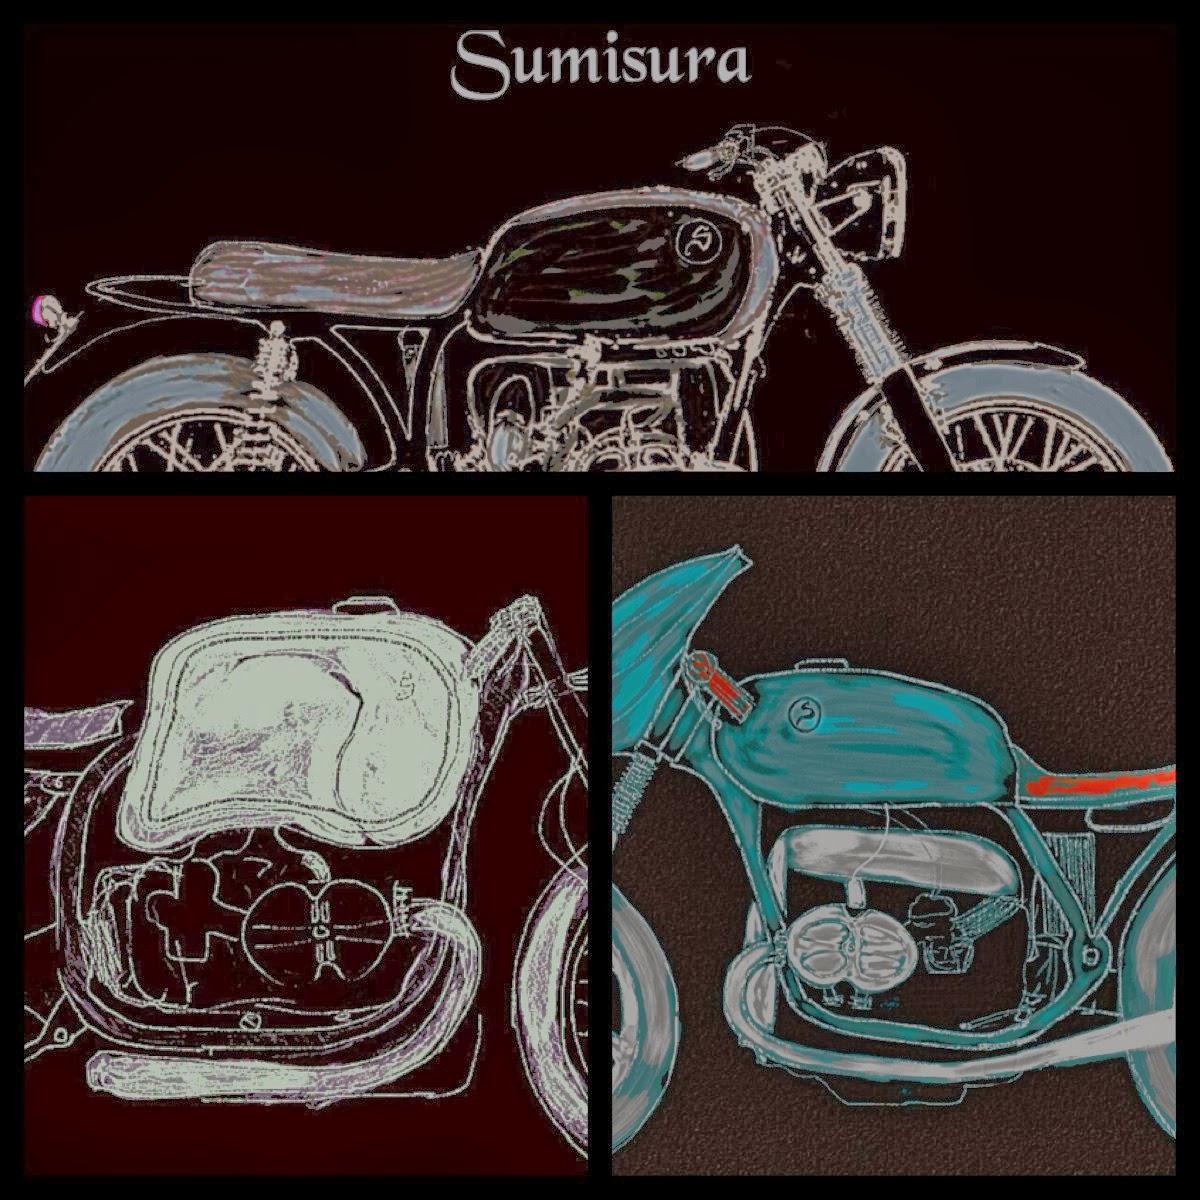 SUMISURA ART DESIGN